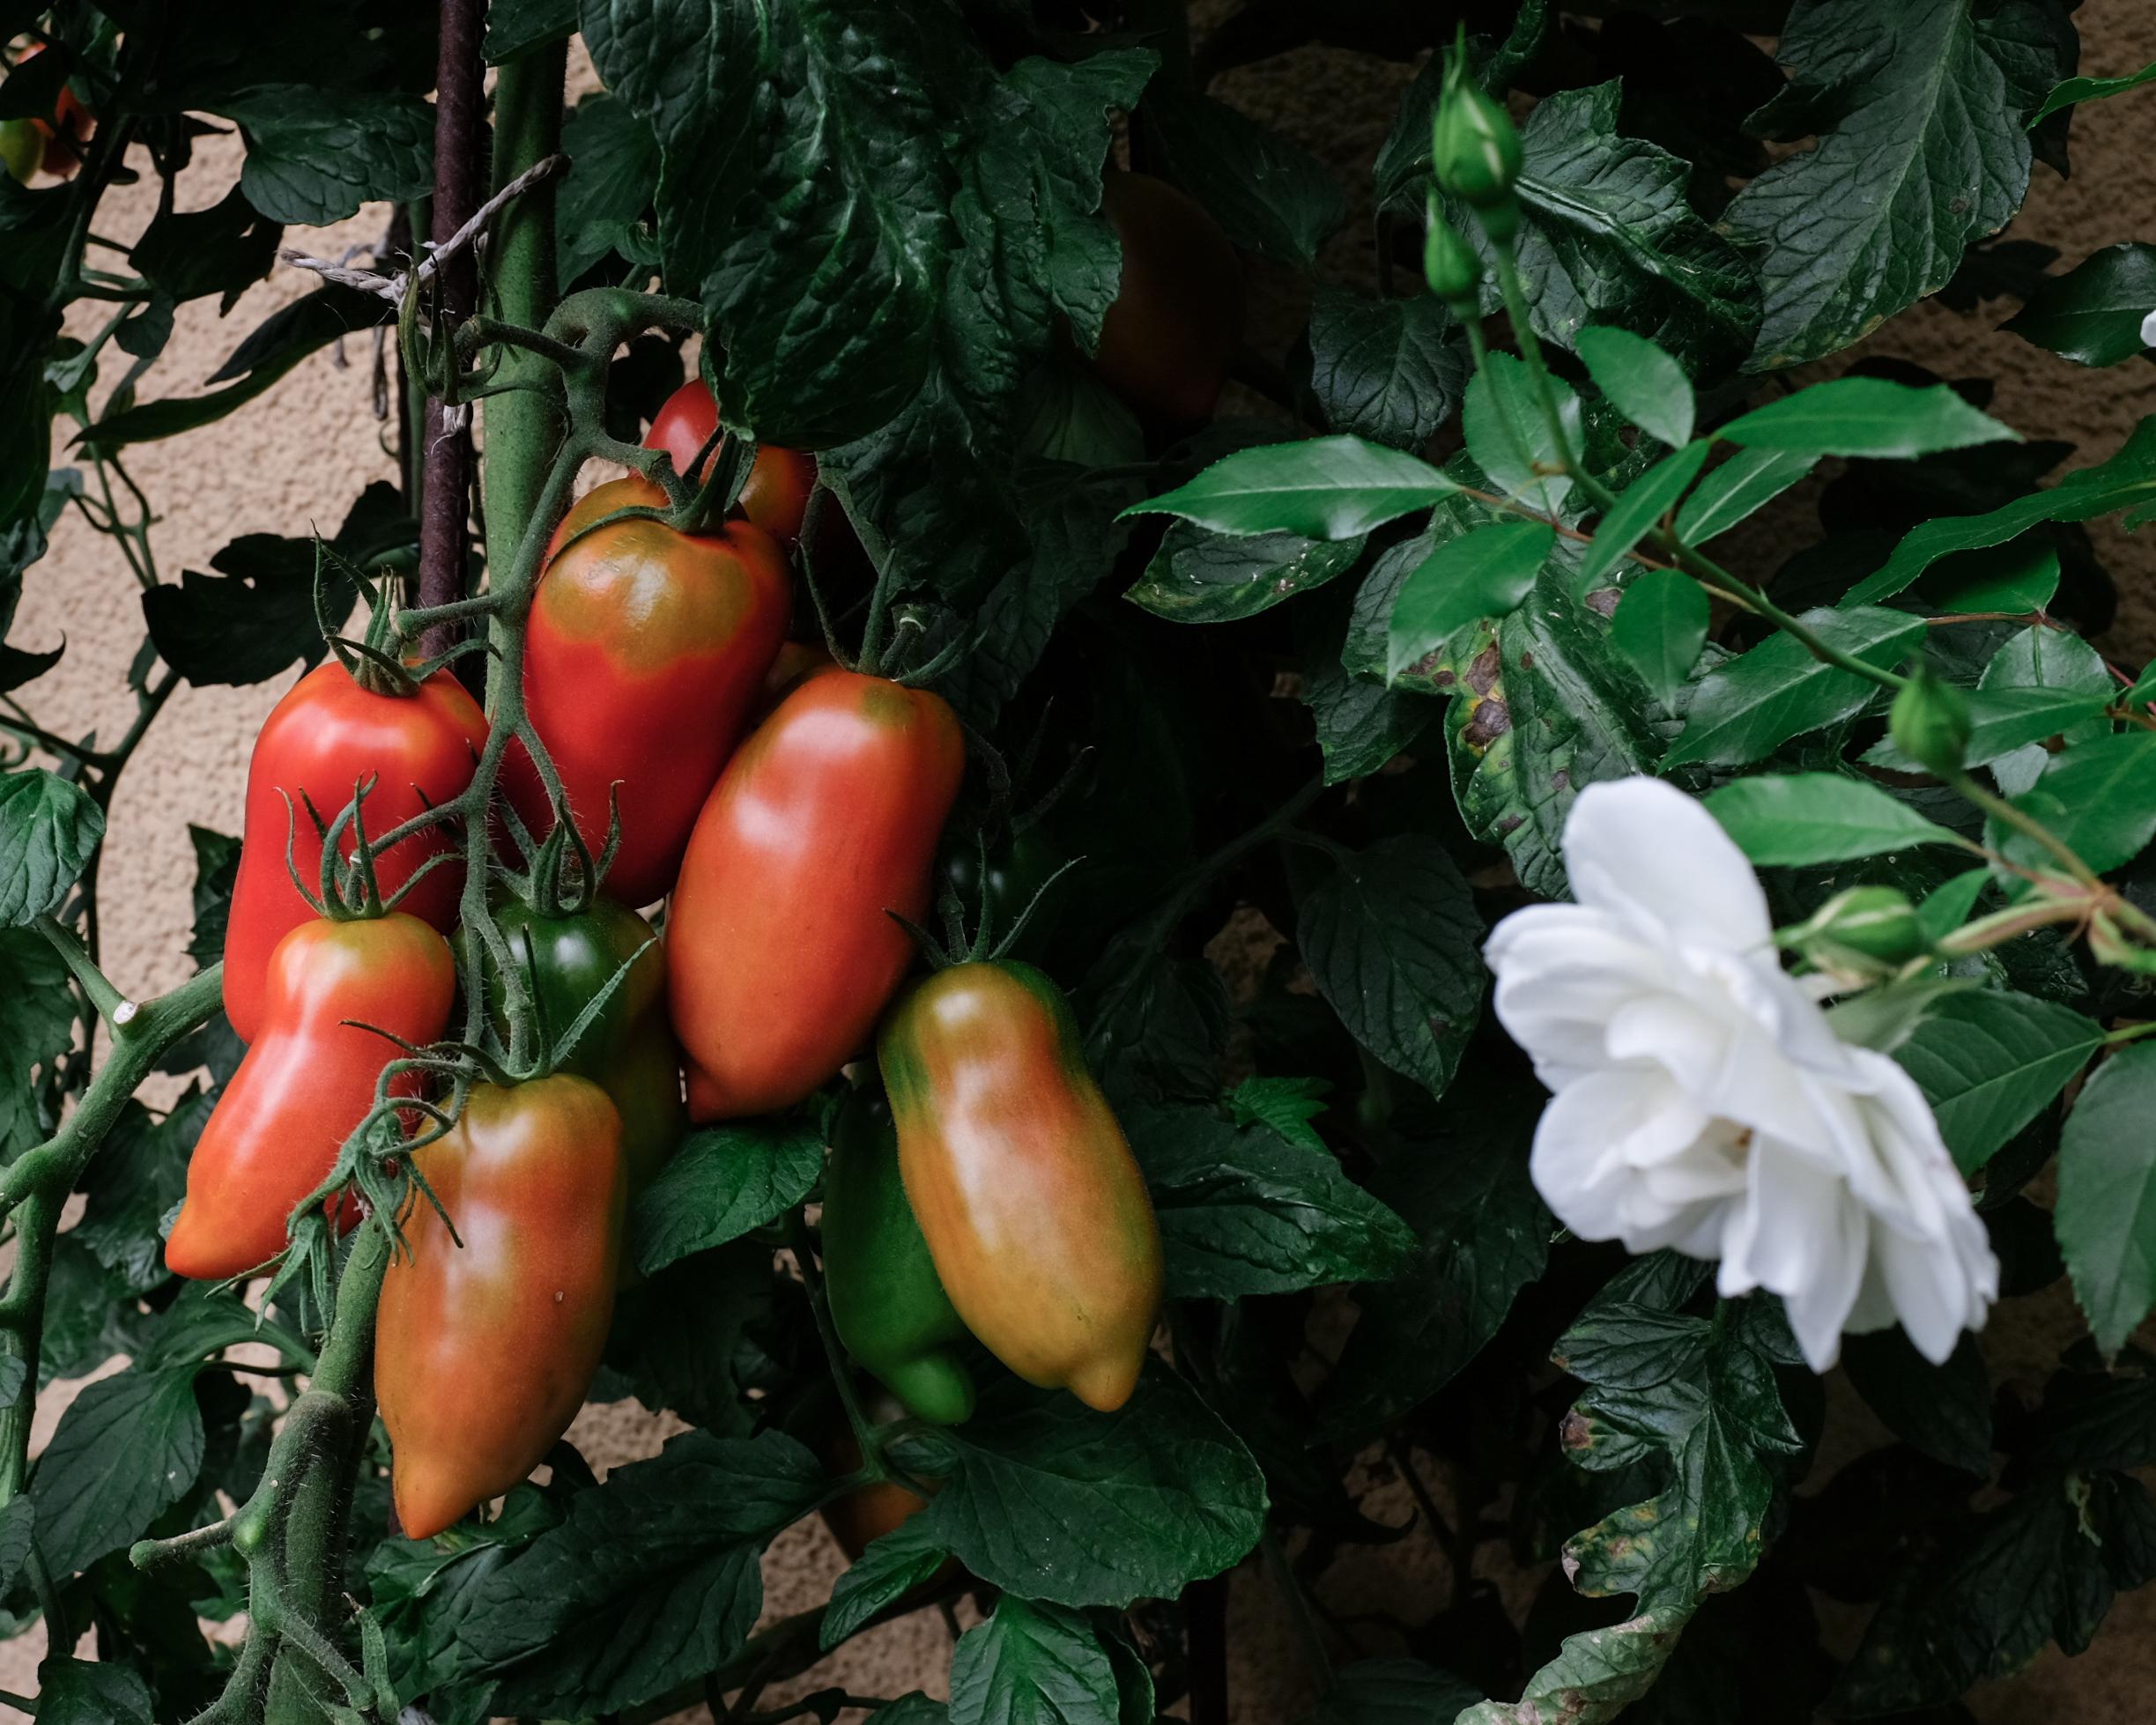 Sommerküche Tomaten : Sommerküche u nektarinenkuchen tomaten und feigen aus dem garten